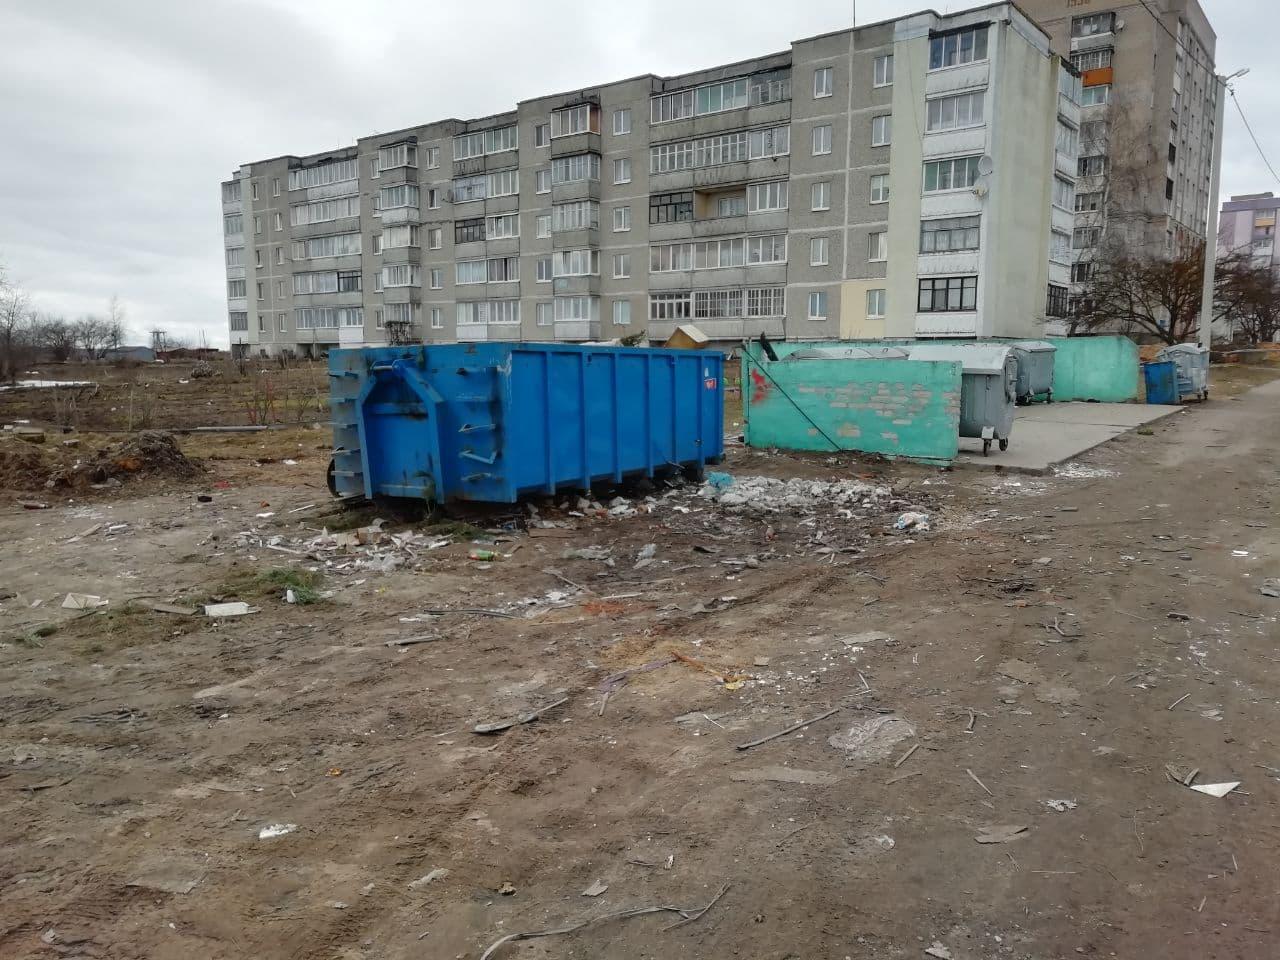 19 марта, около 9 часов утра. Так выглядит площадка для мусорных контейнеров на ул. Репина. Фото: Иван РИМША